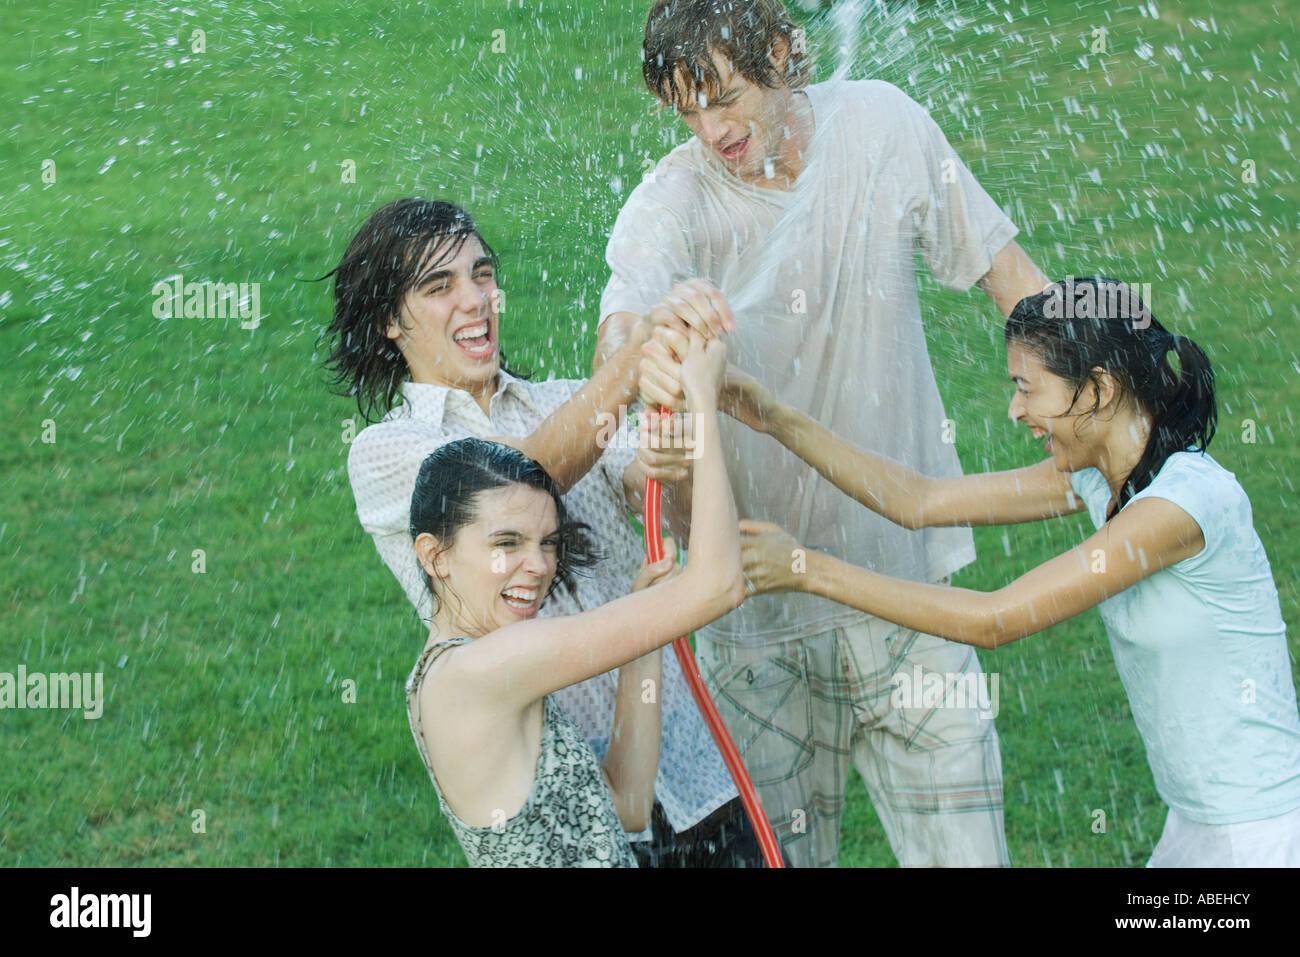 Gruppe junger Freunde spielen mit Gartenschlauch, nass Stockbild